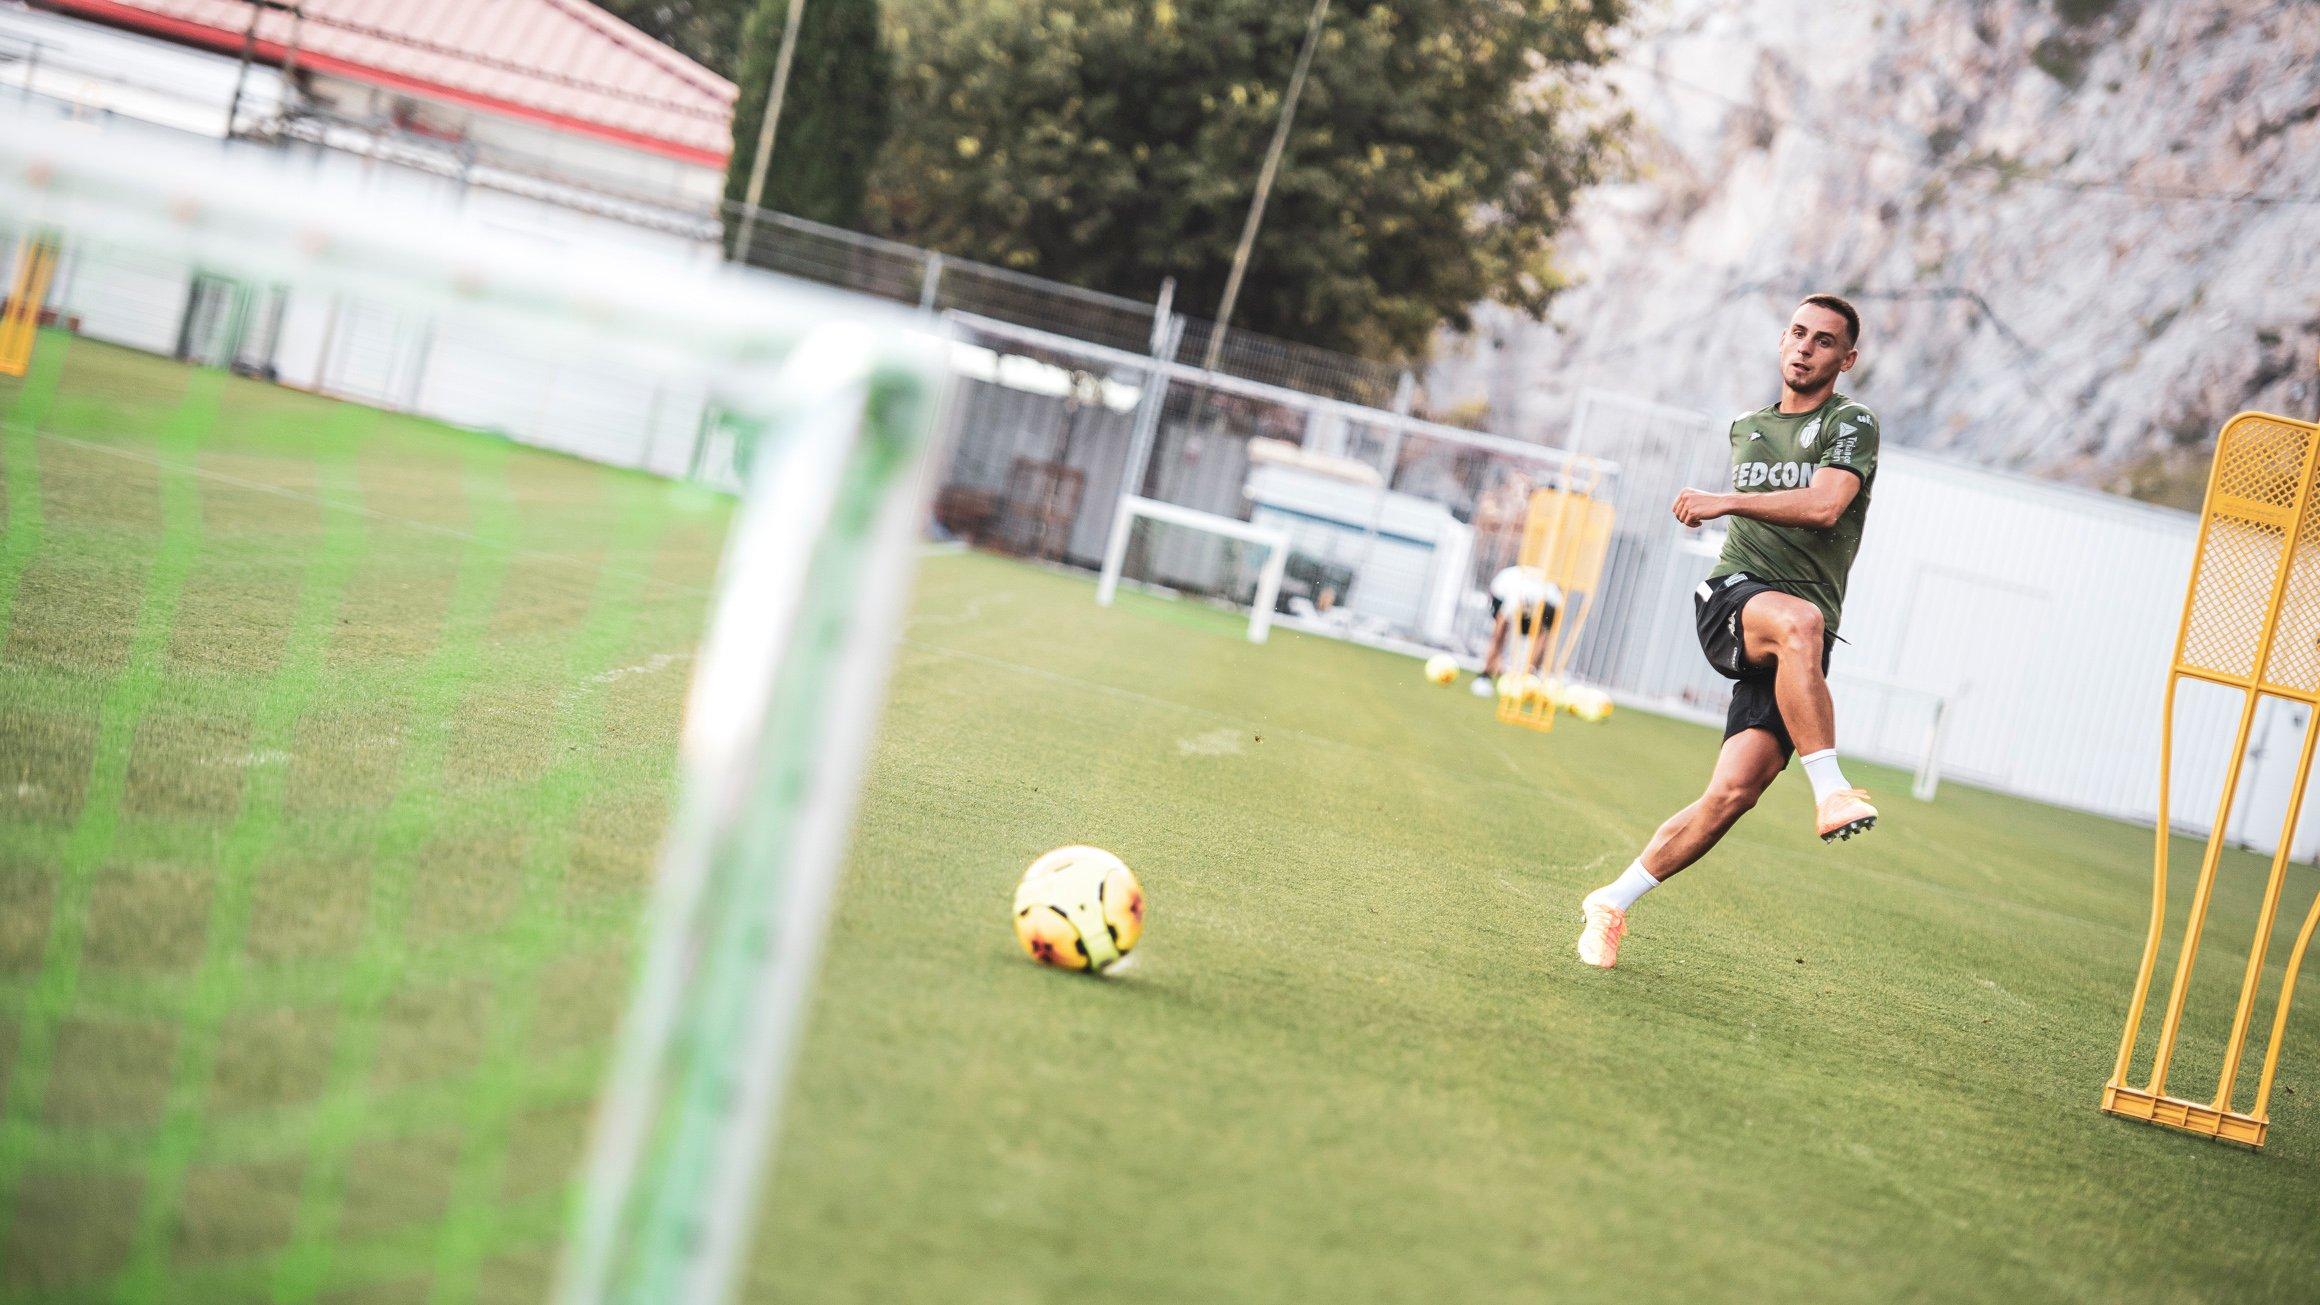 موناكو يعود للتدريبات أكثر قوة وحماس استعداد للدوري الفرنسي (8)